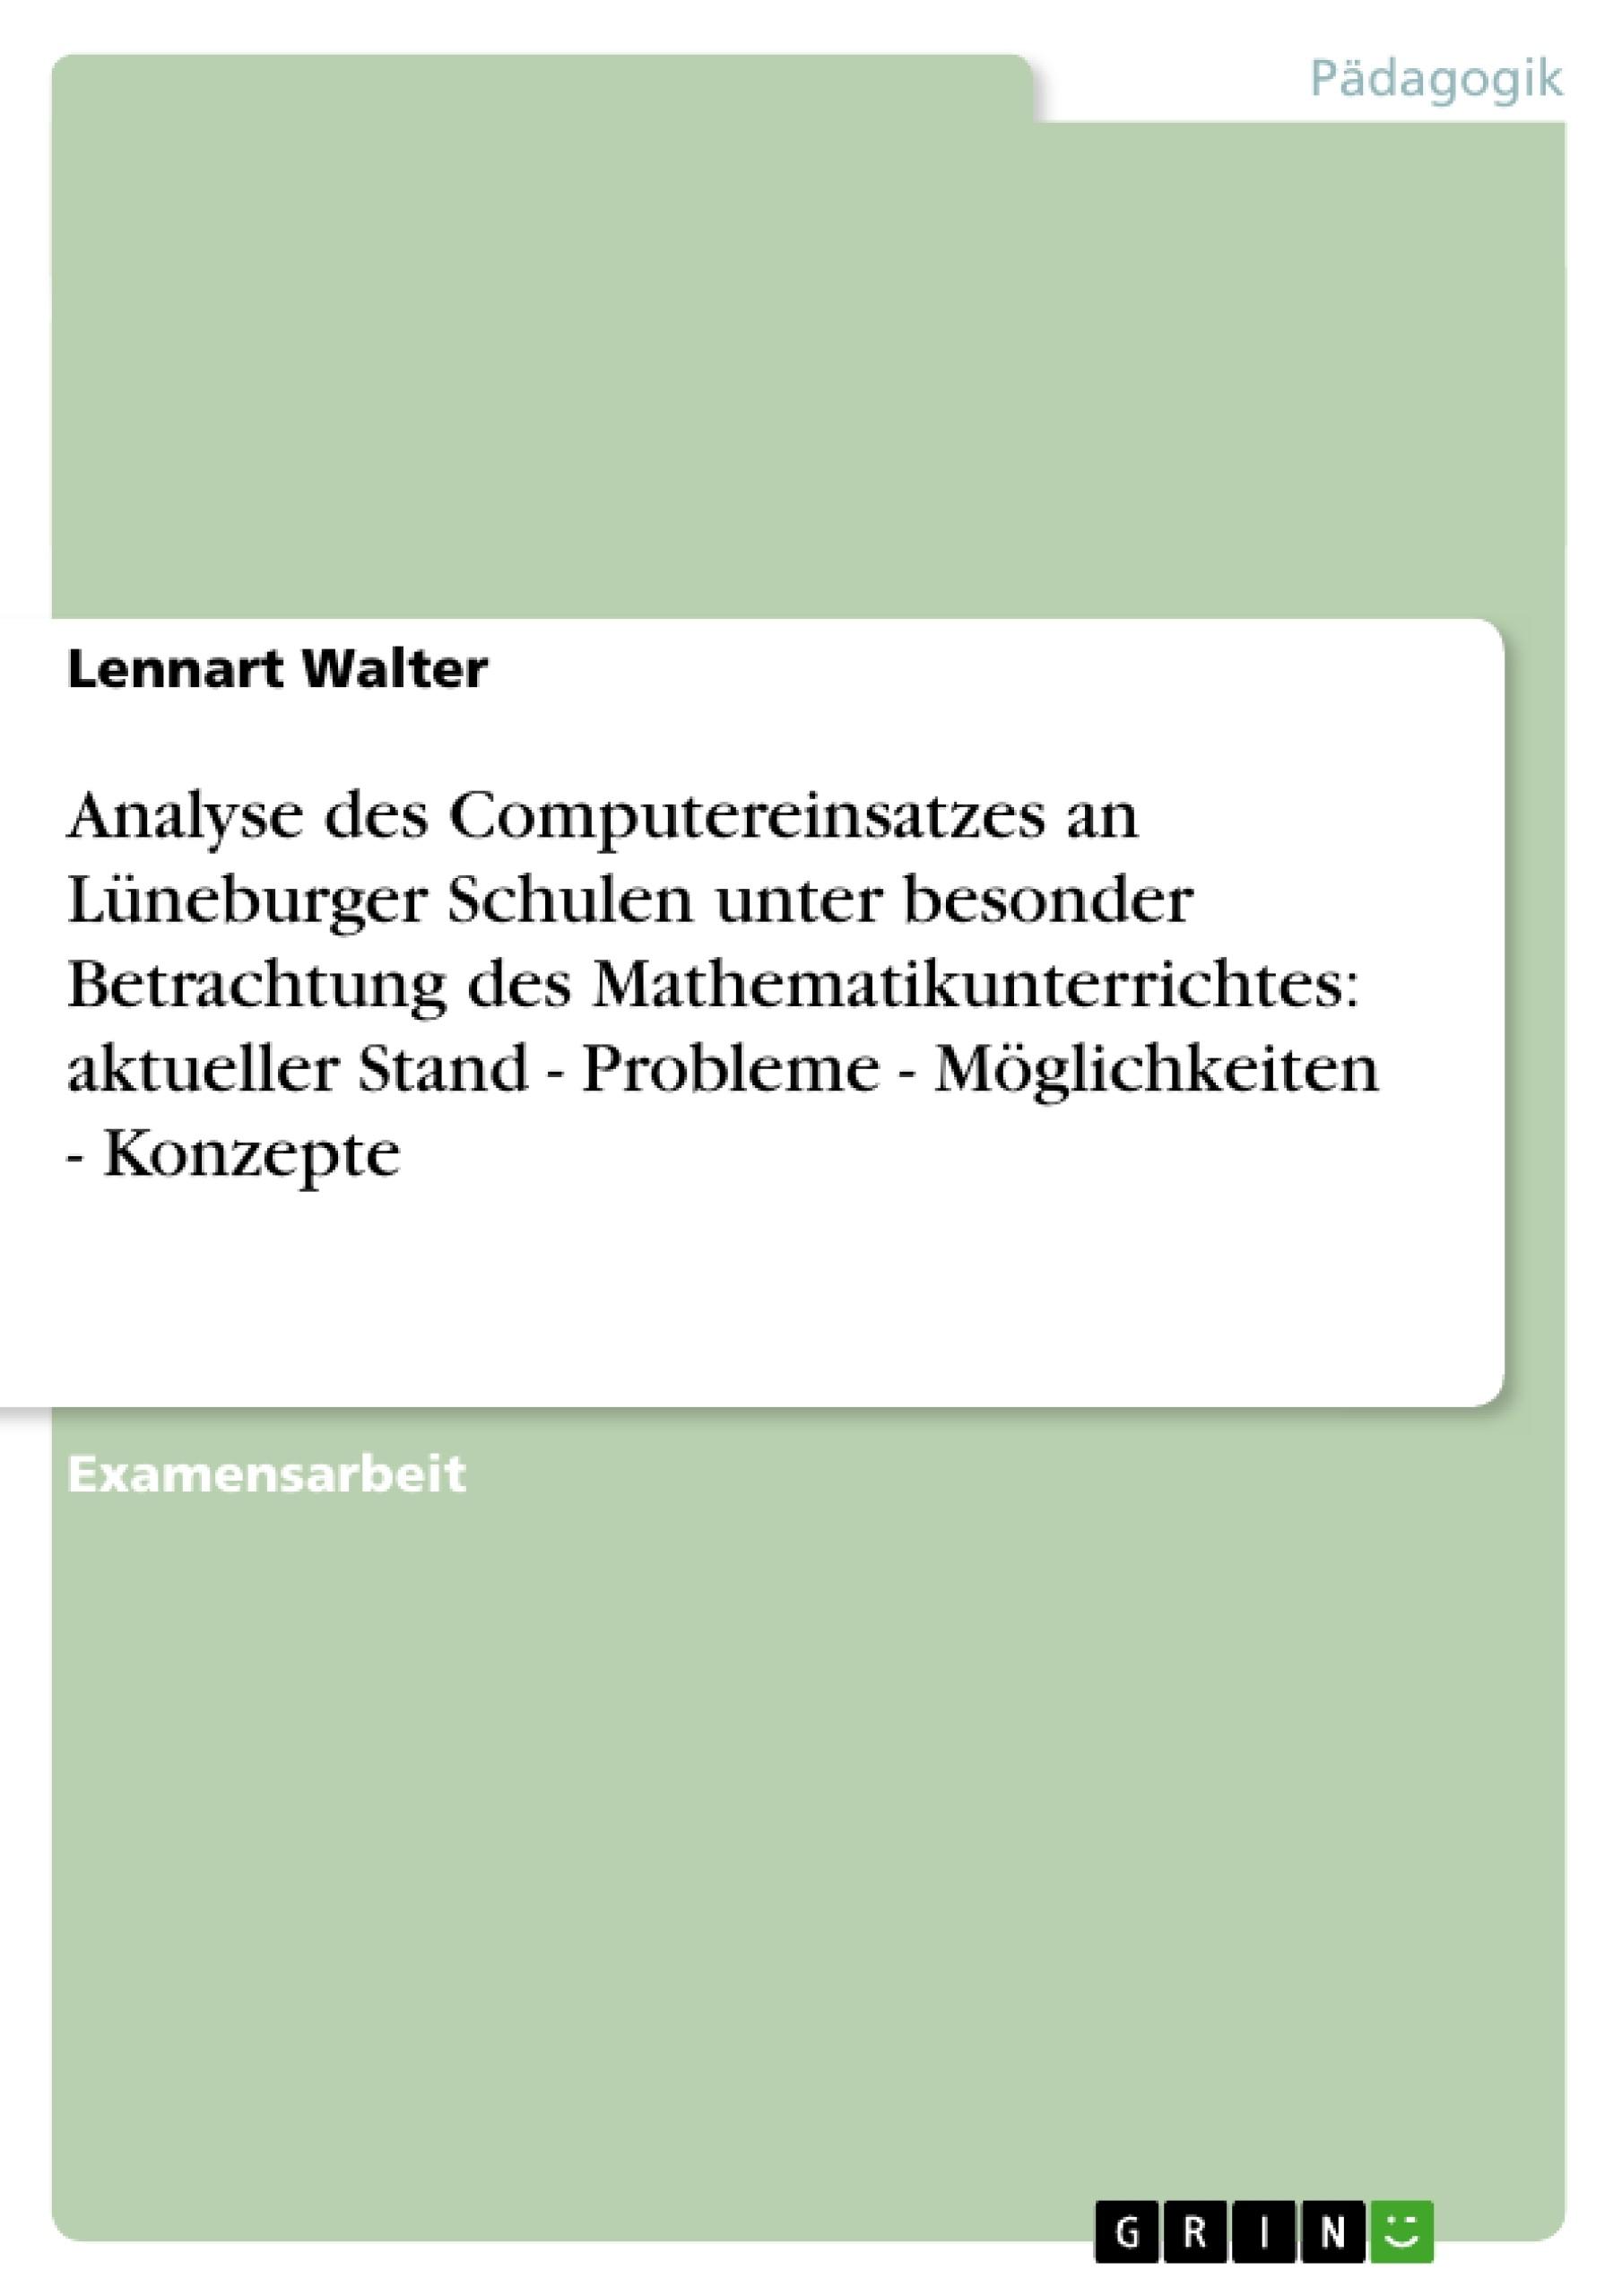 Titel: Analyse des Computereinsatzes an Lüneburger Schulen unter besonder Betrachtung des Mathematikunterrichtes: aktueller Stand - Probleme - Möglichkeiten - Konzepte